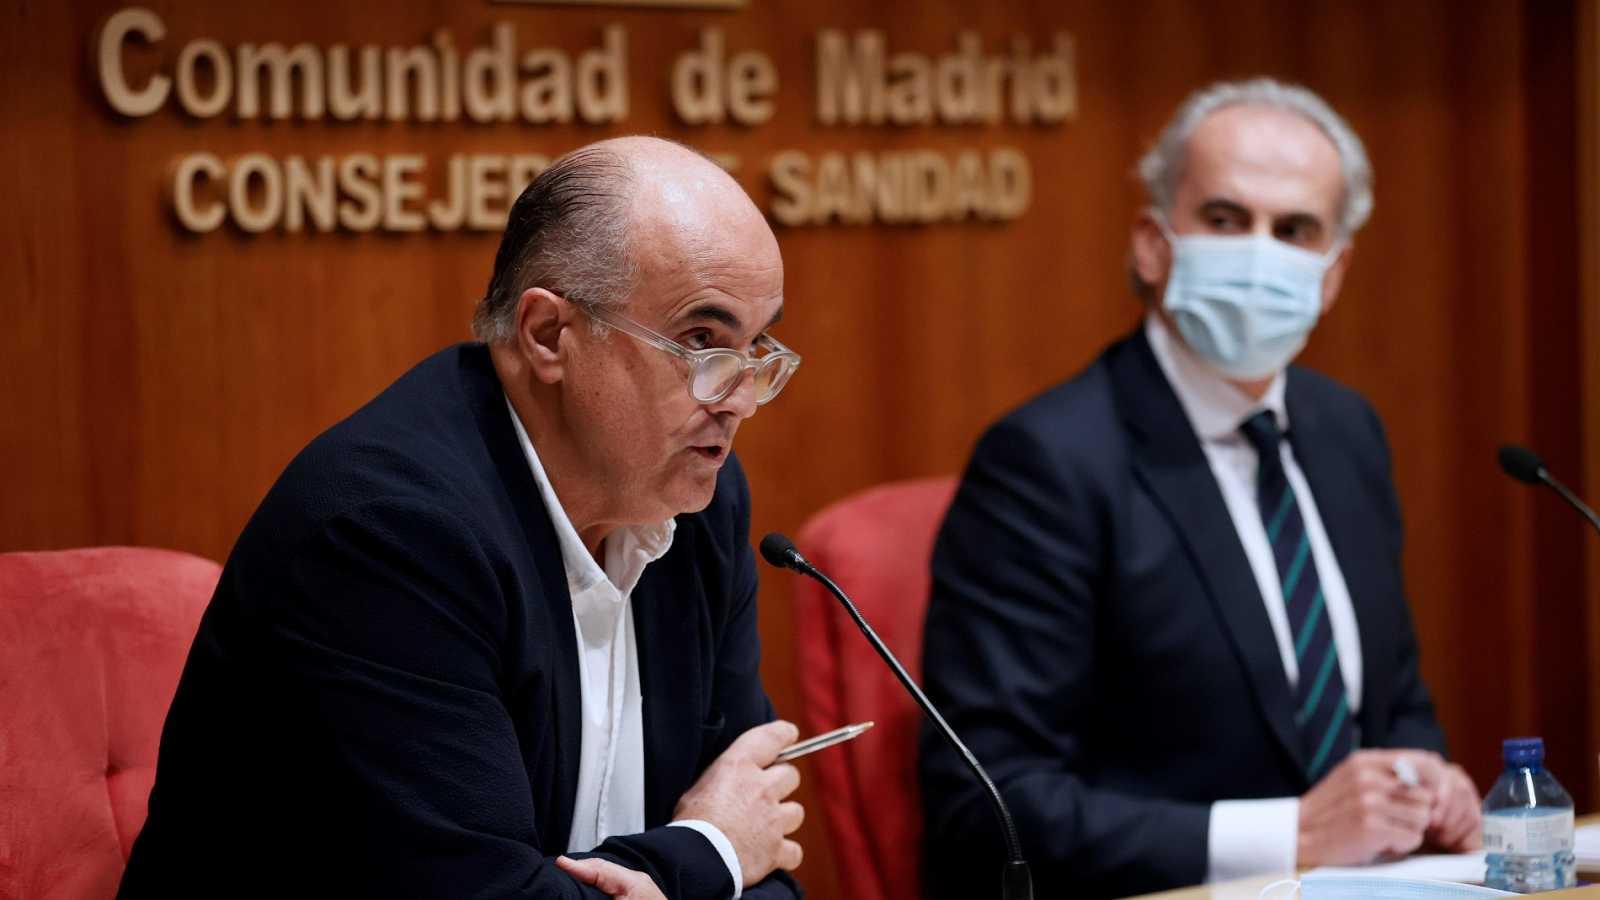 El viceconsejero de Salud Pública de la Comunidad de Madrid confirma cuatro casos de la variante británica del coronavirus